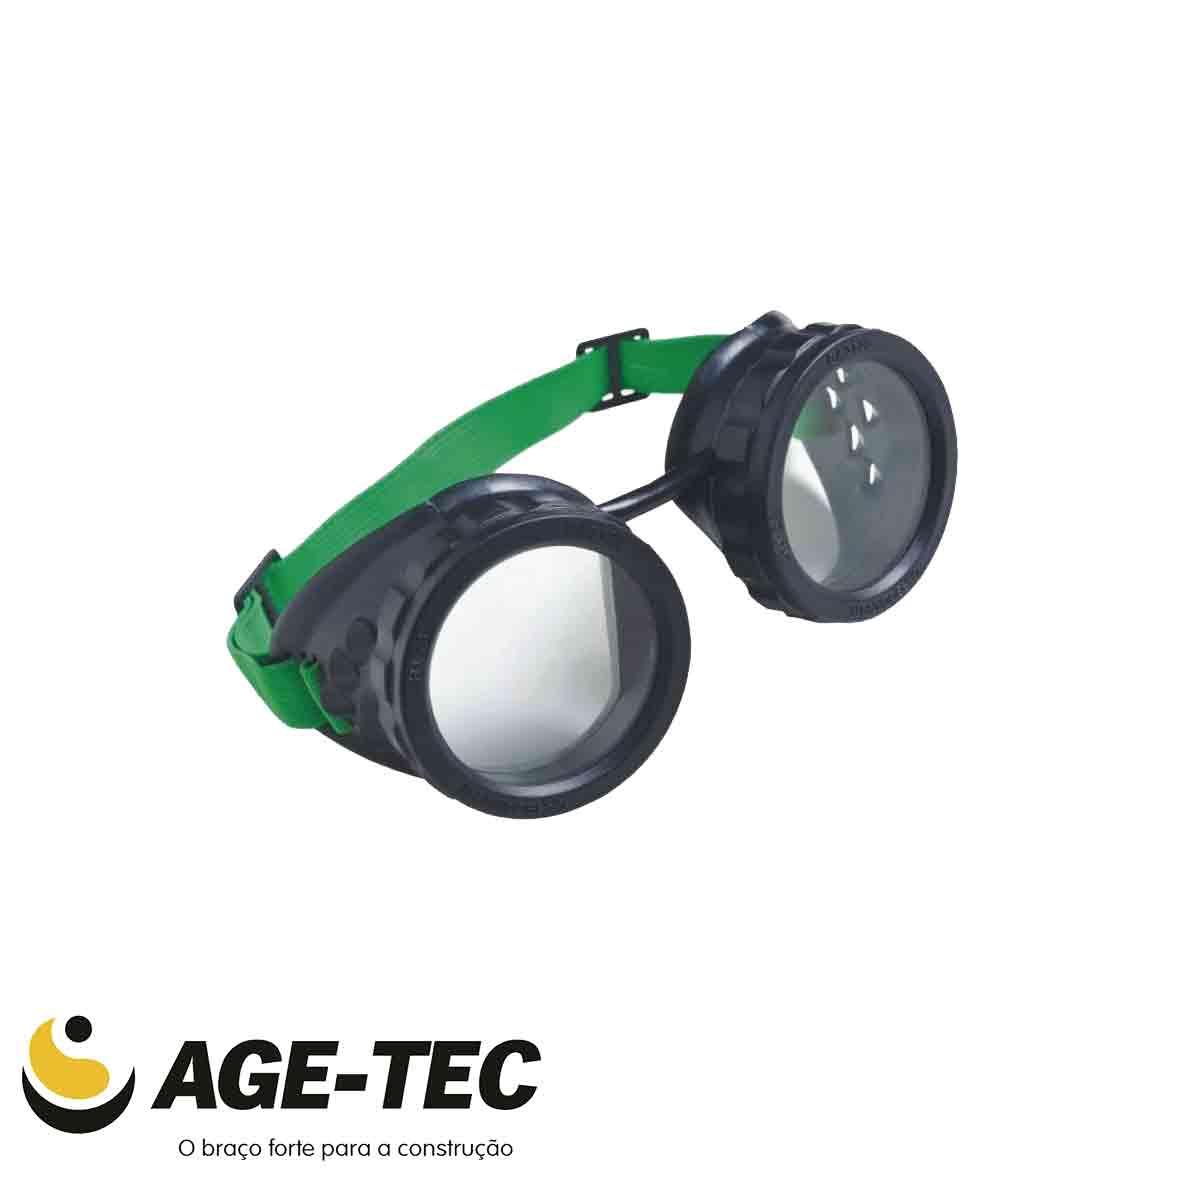 Óculos de Segurança Maçariqueiro Concha - CARBOGRAFITE 398c8f2f64